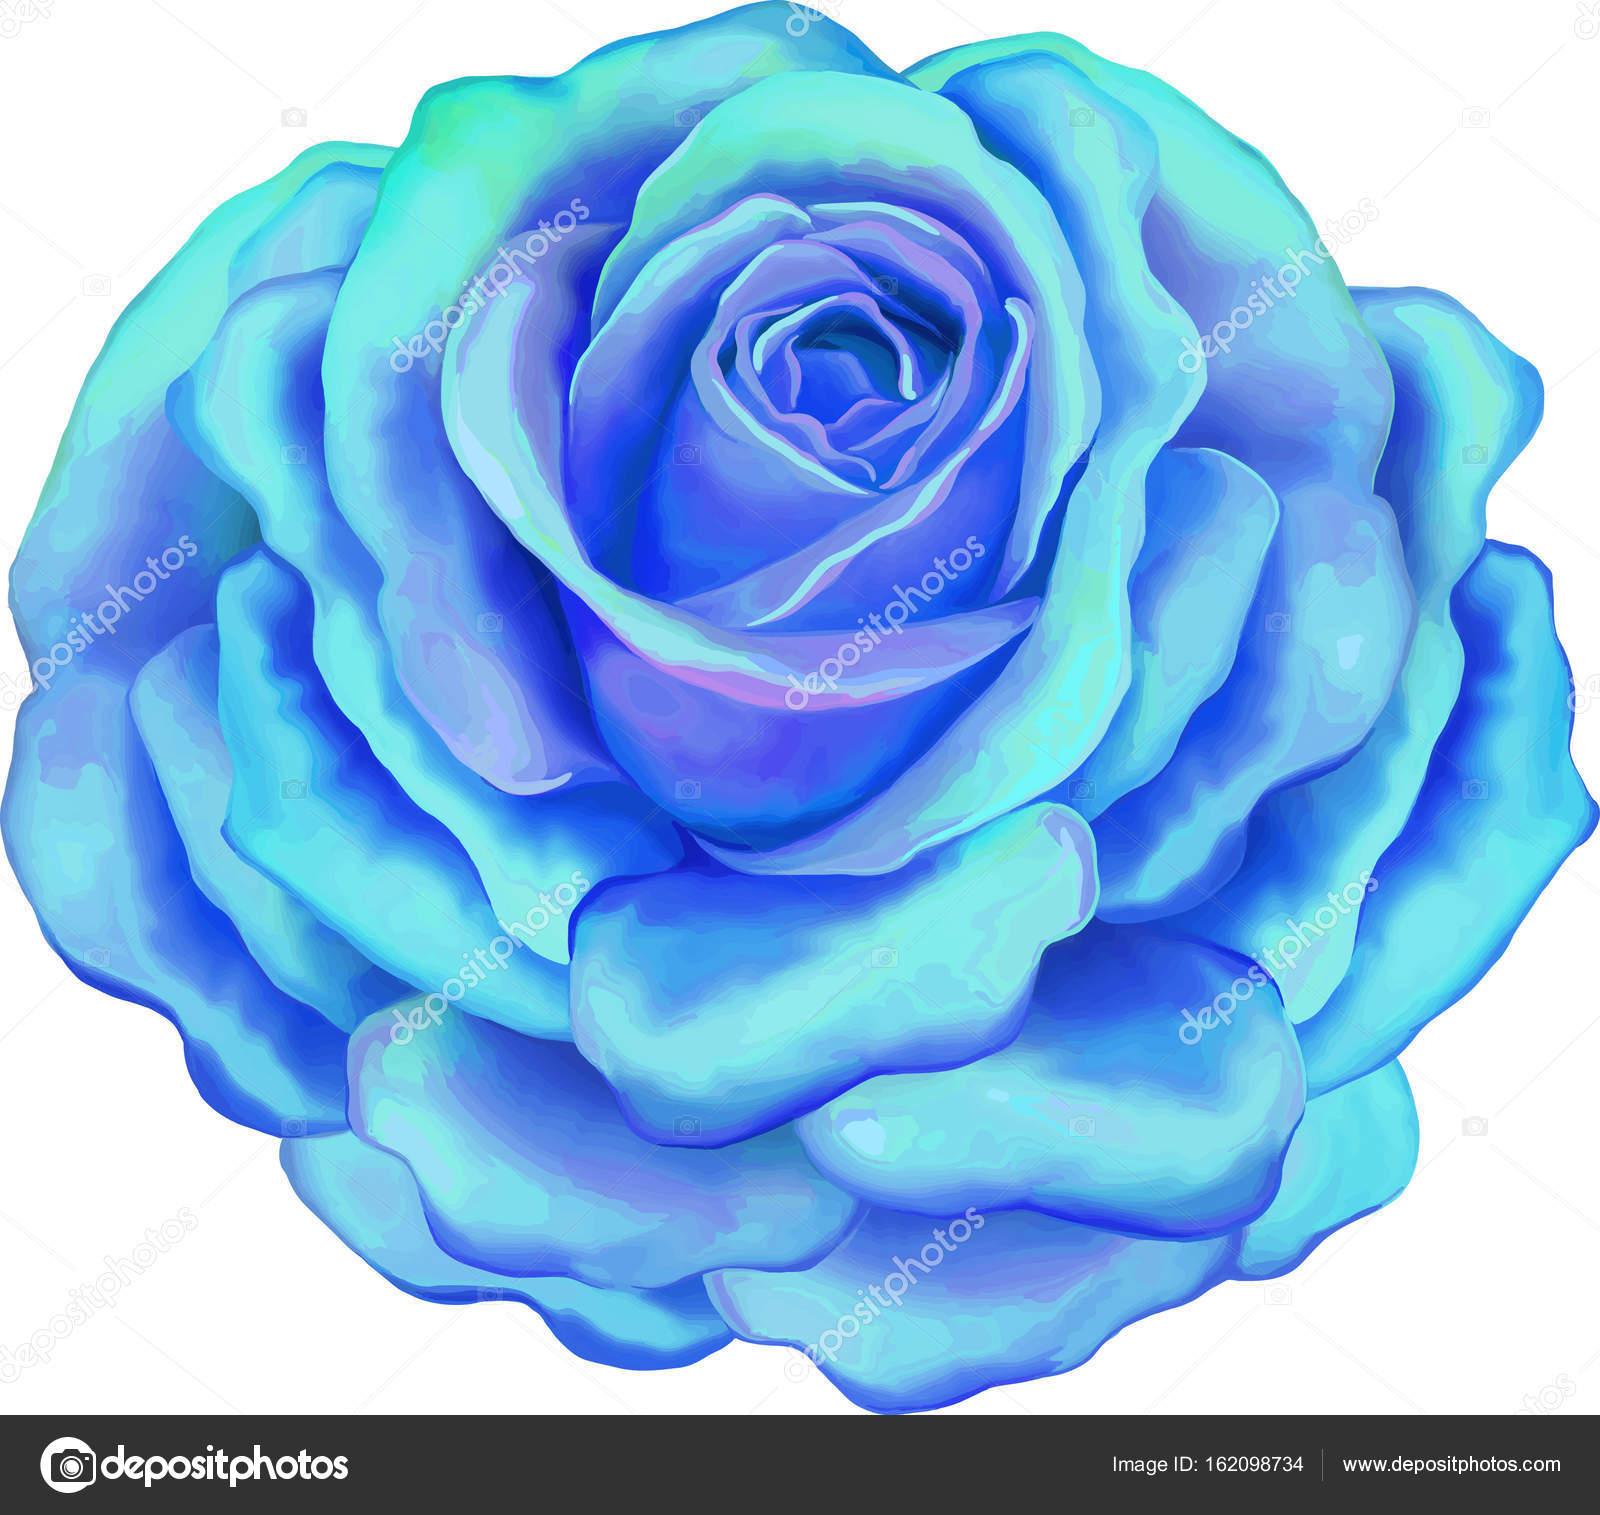 Belle Image Rose Bleu belle fleur rose bleu clair — photographie artnature © #162098734